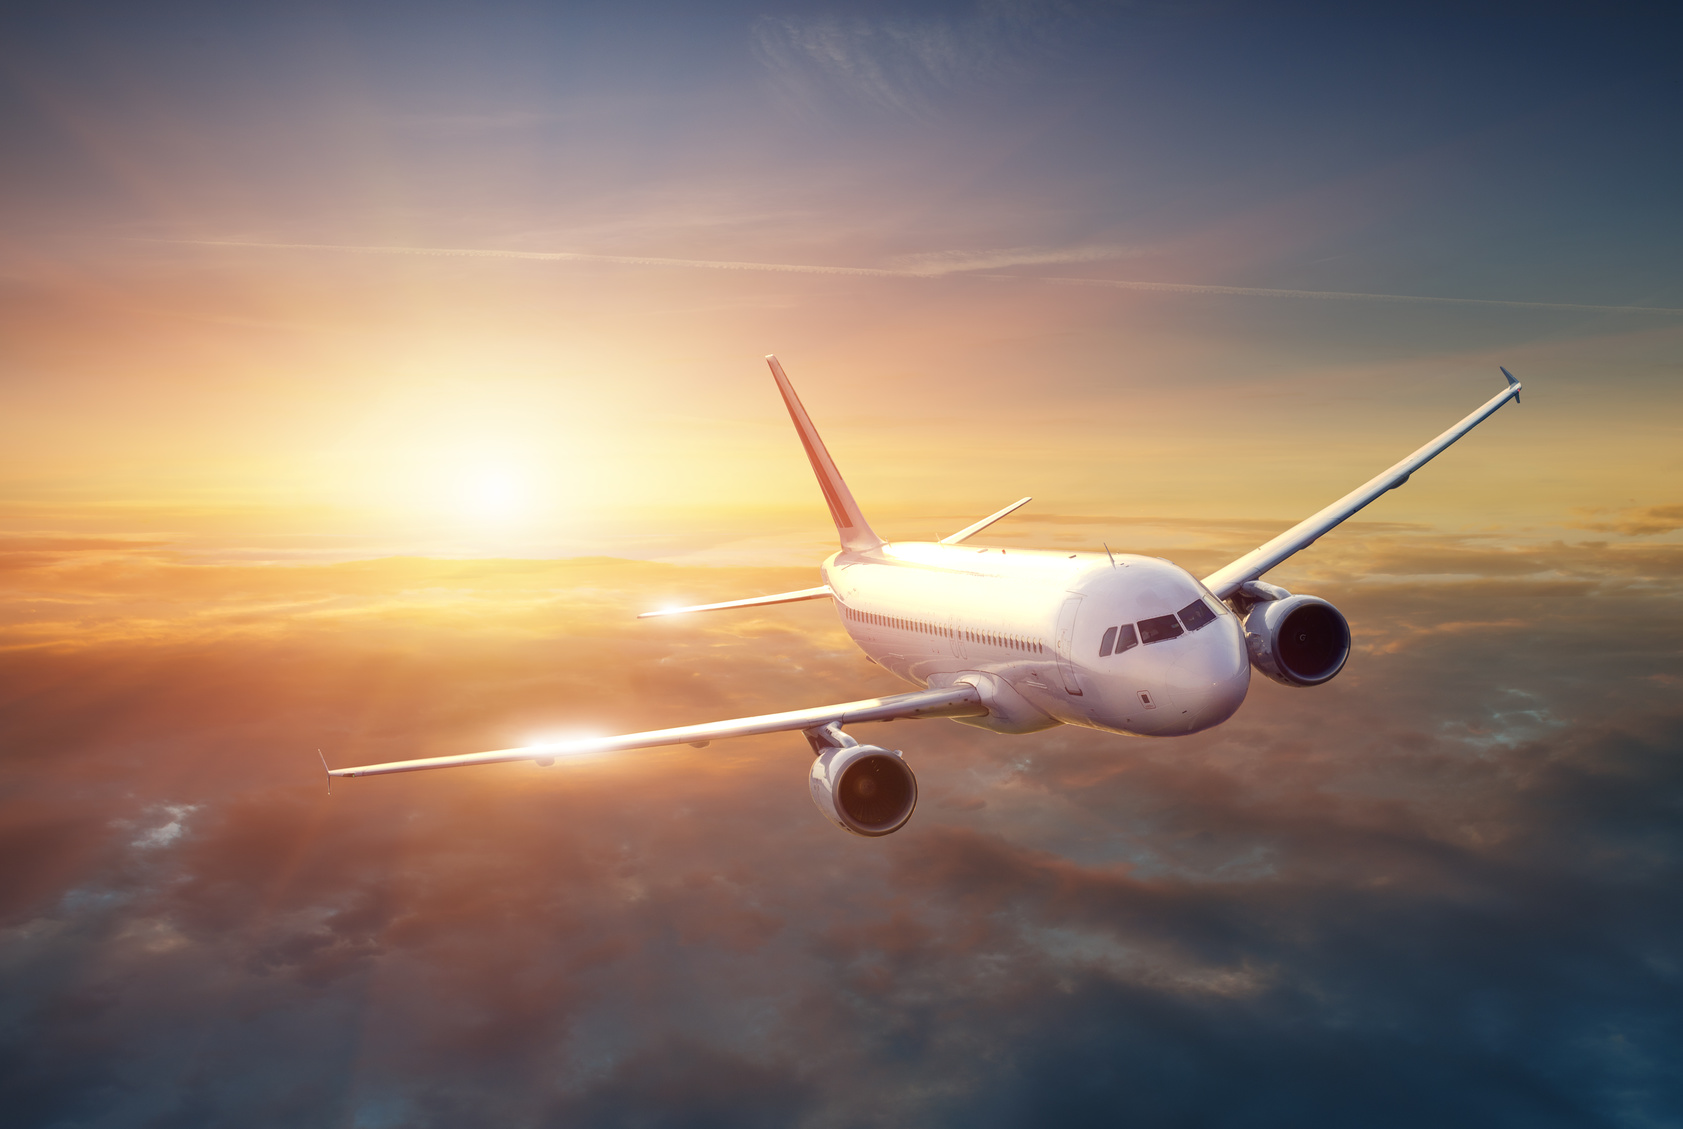 Airbus Karriere Das Mussen Sie Wissen Heimarbeit De